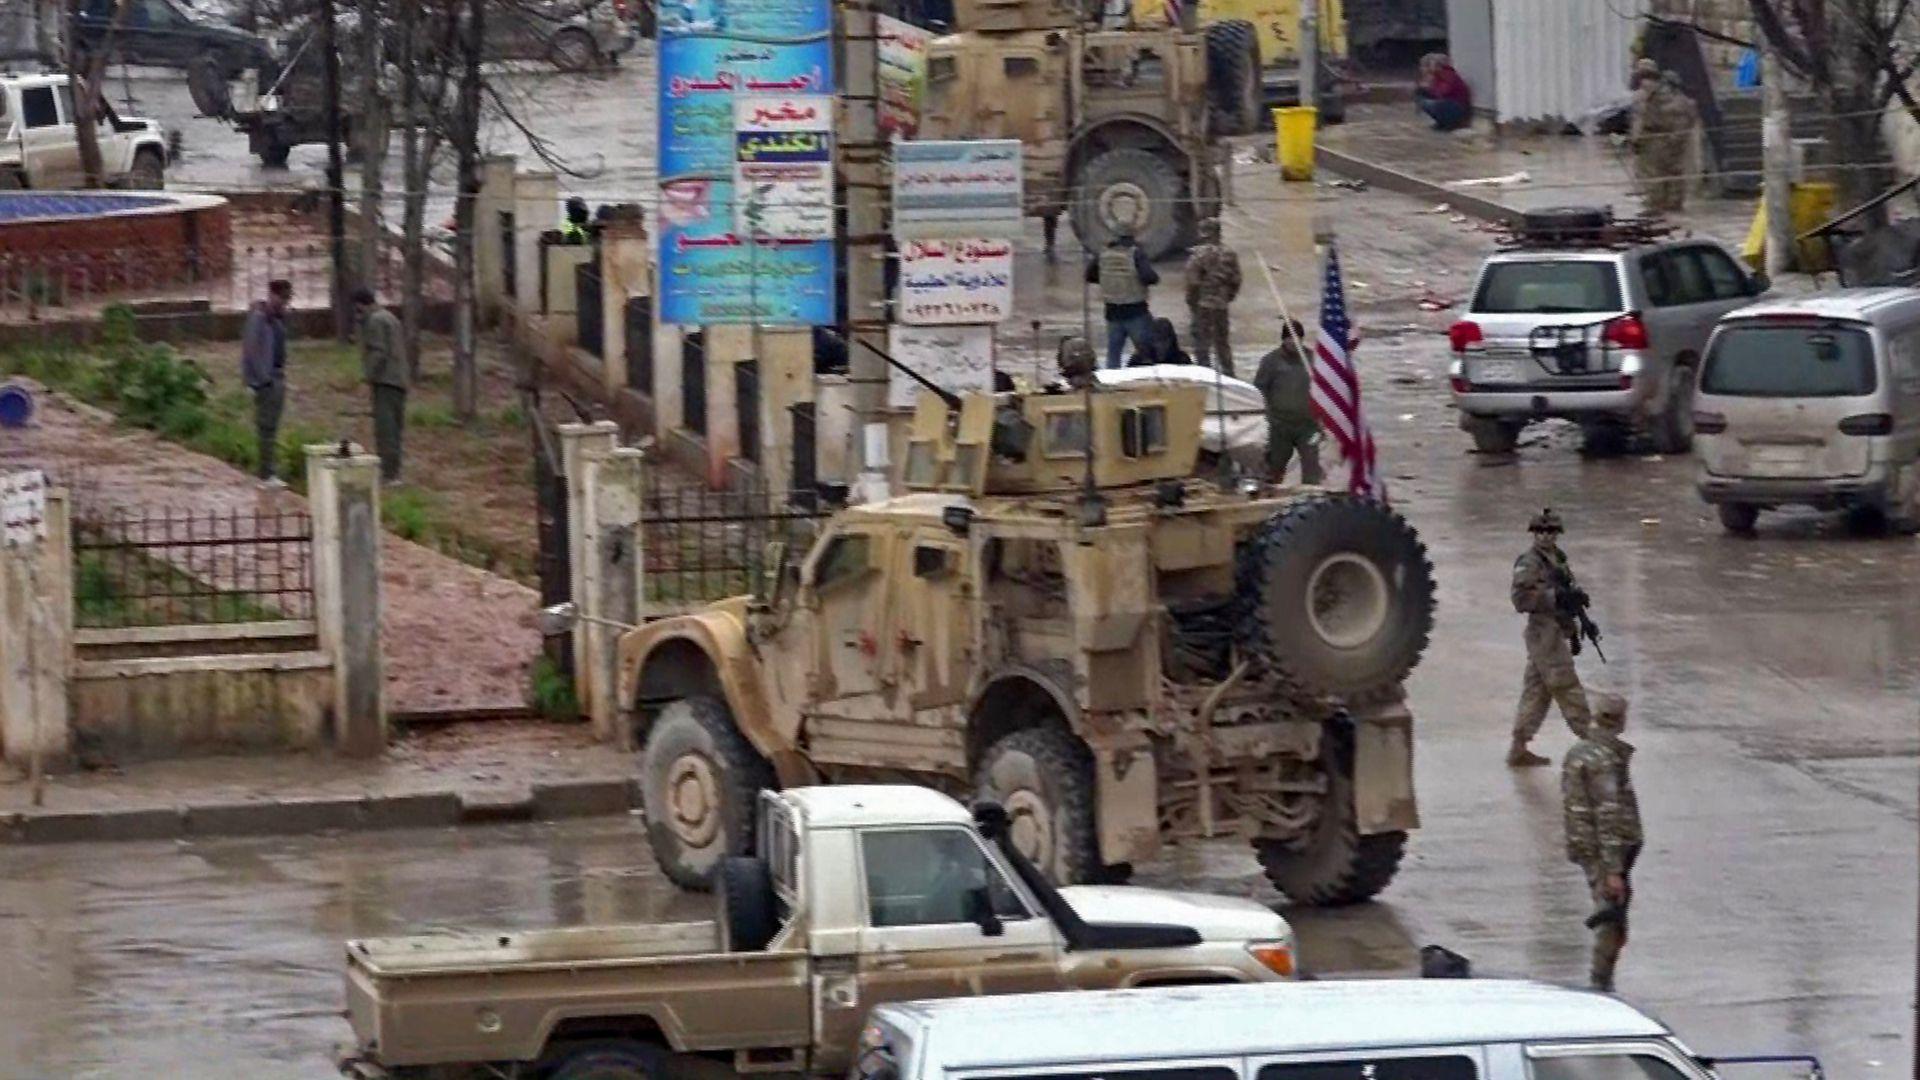 Một số binh sĩ Hoa Kỳ thiệt mạng trong vụ tấn công của Nhà nước Hồi giáo tại Syria